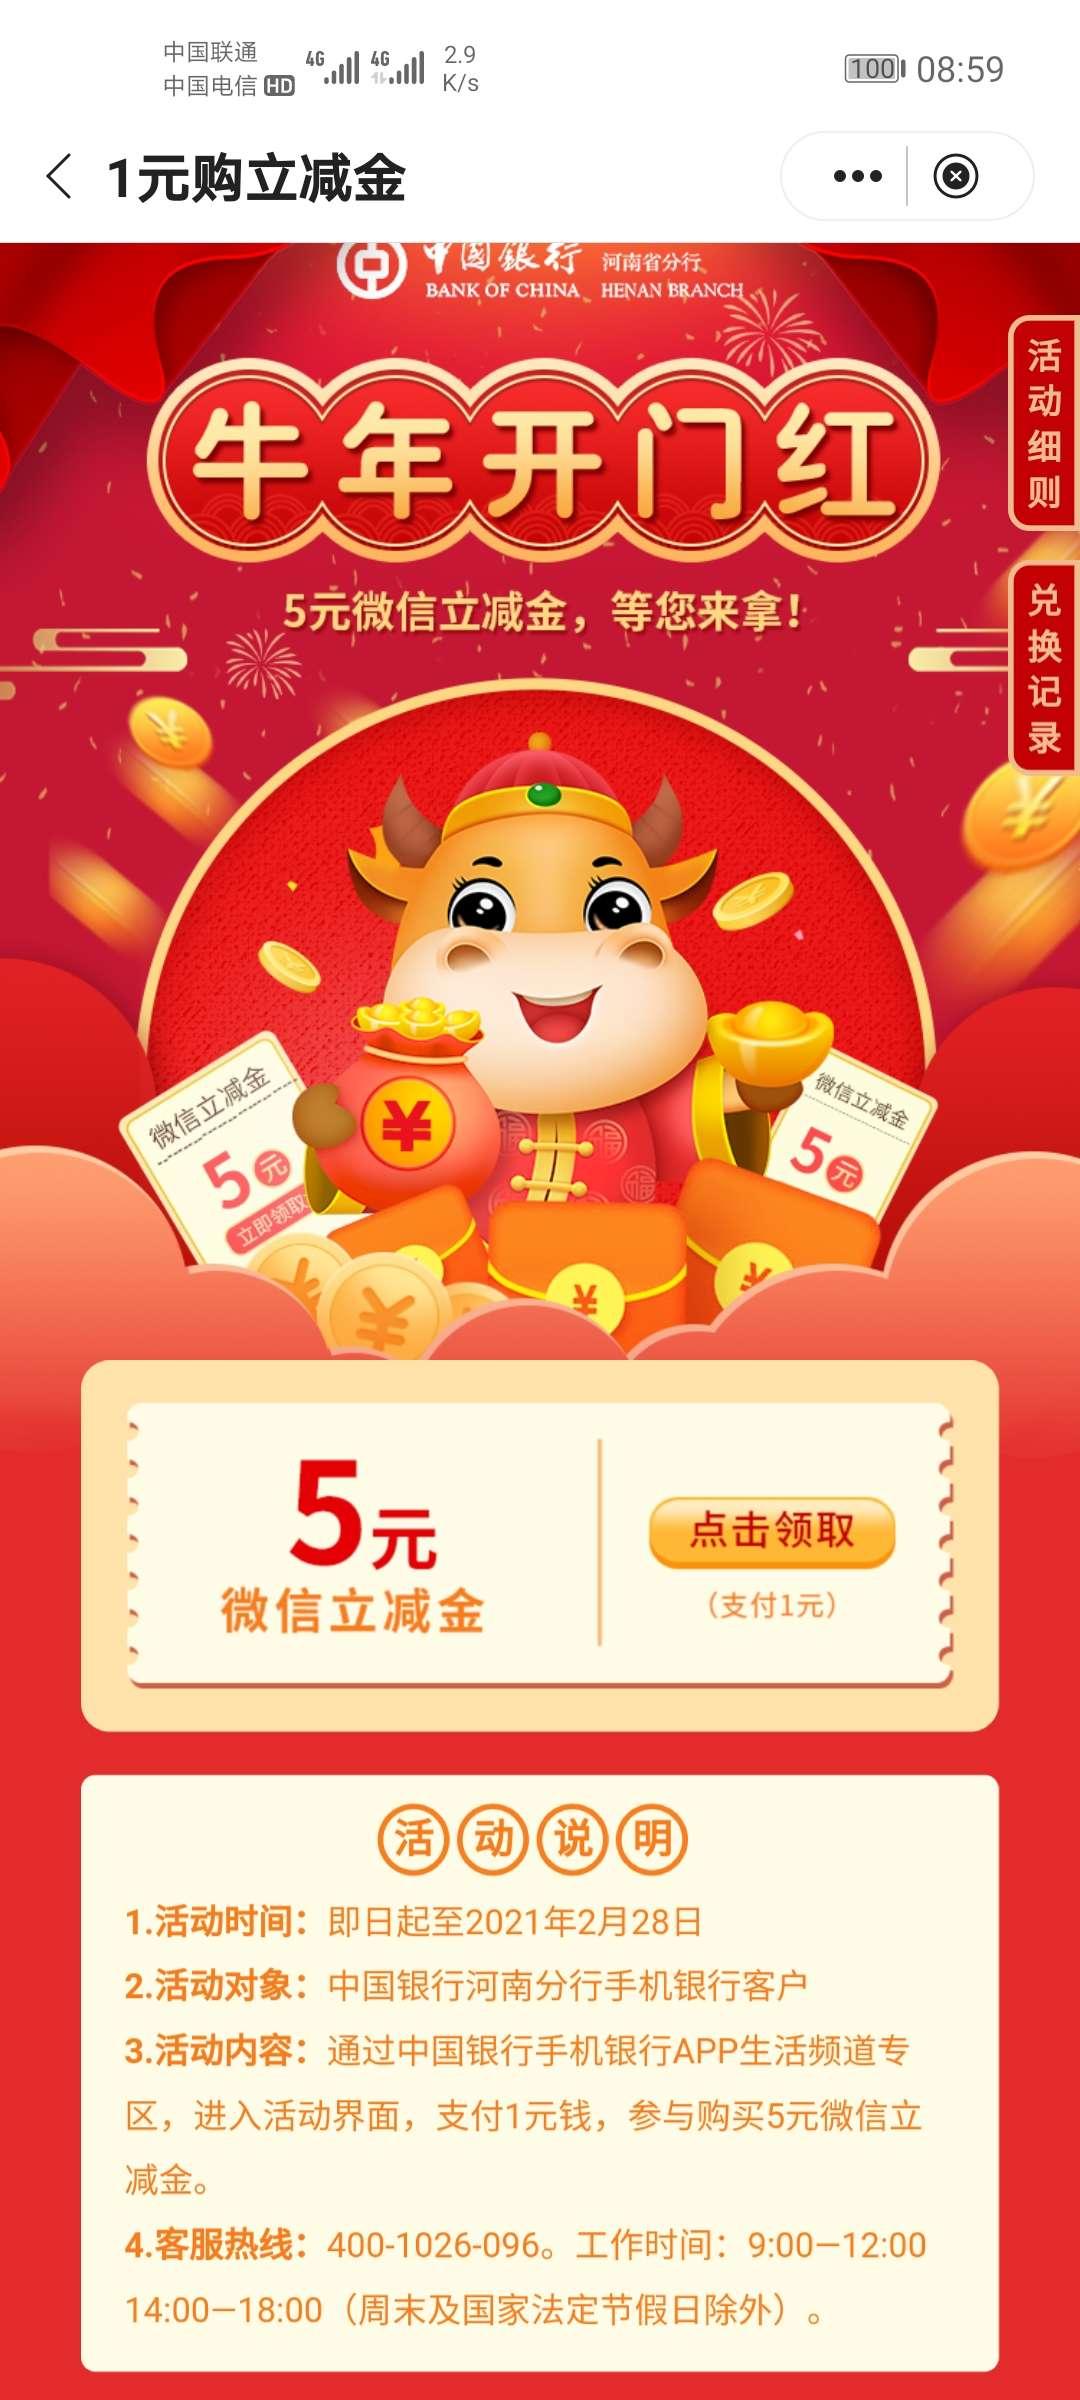 中国银行河南受邀用户一元购买五元微信支付立减金插图